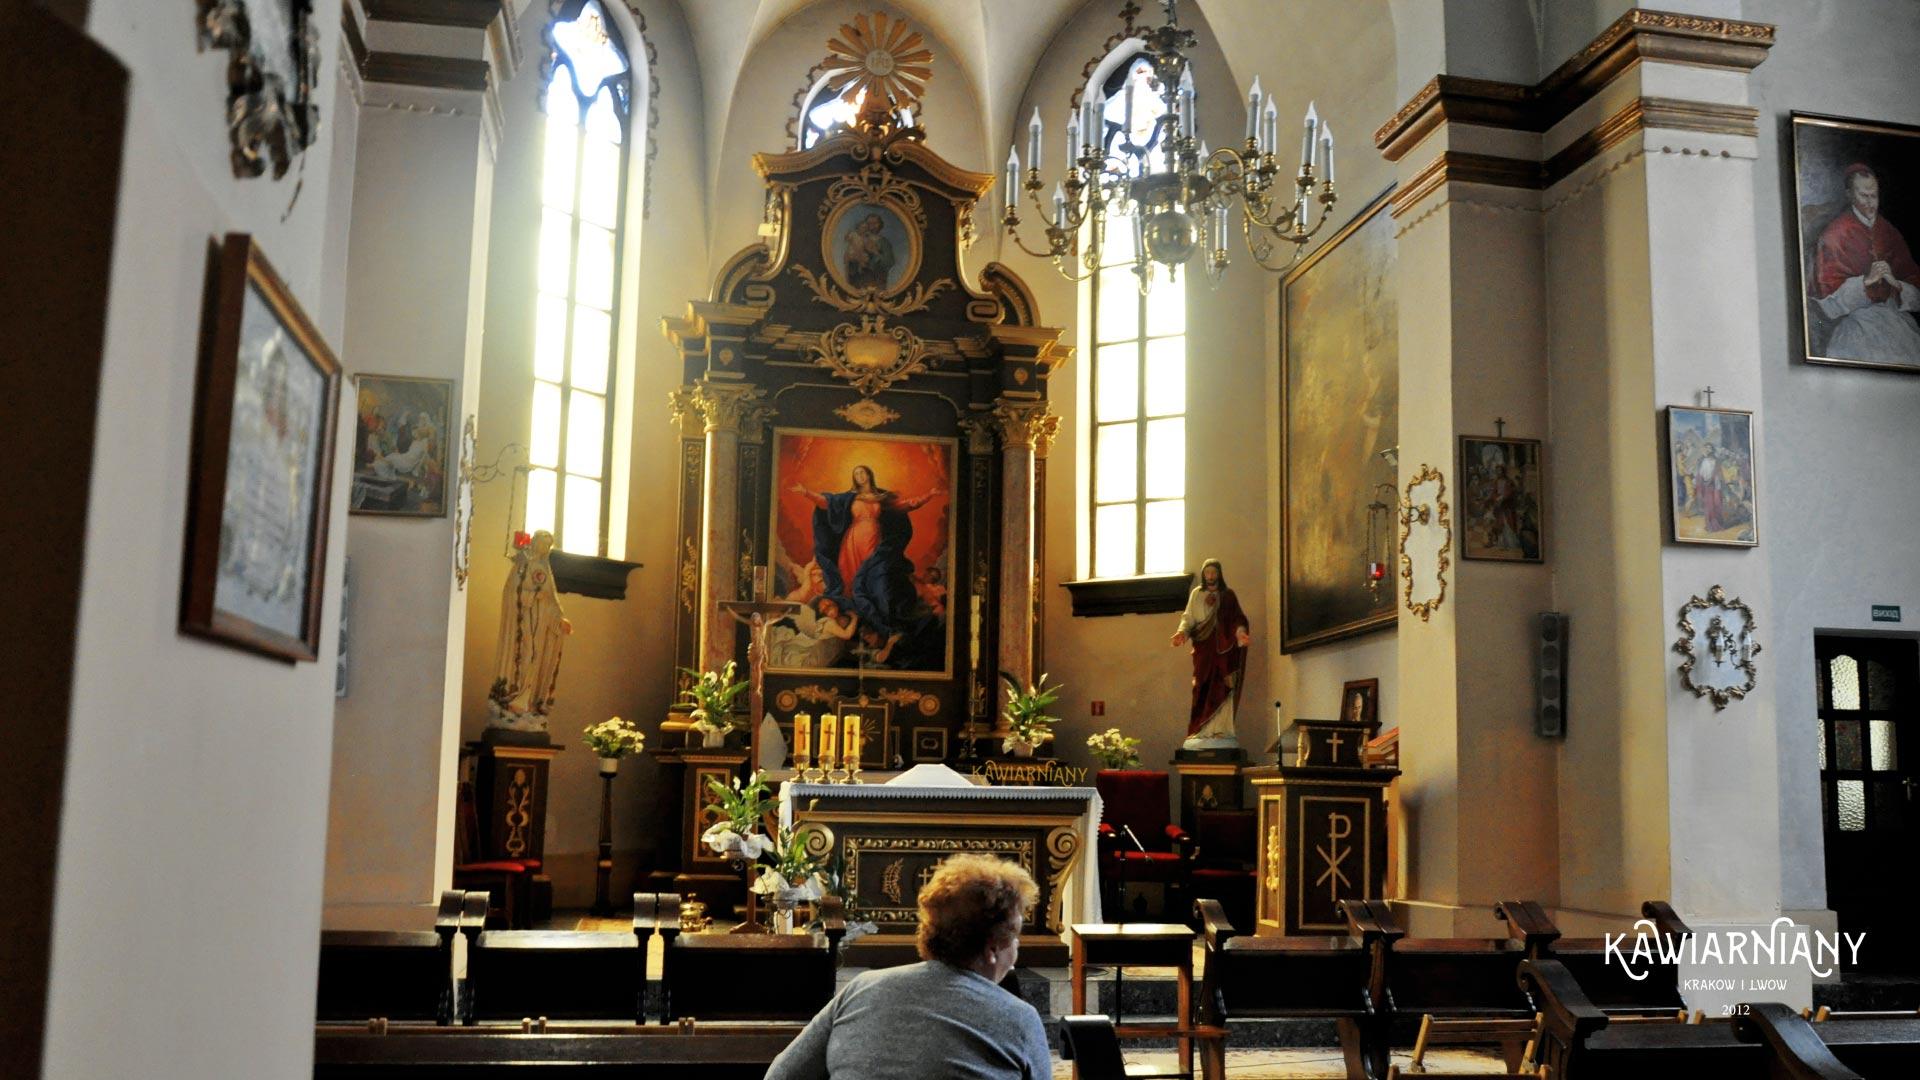 Kościół Wniebowzięcia Najświętszej Maryi Panny w Truskawcu